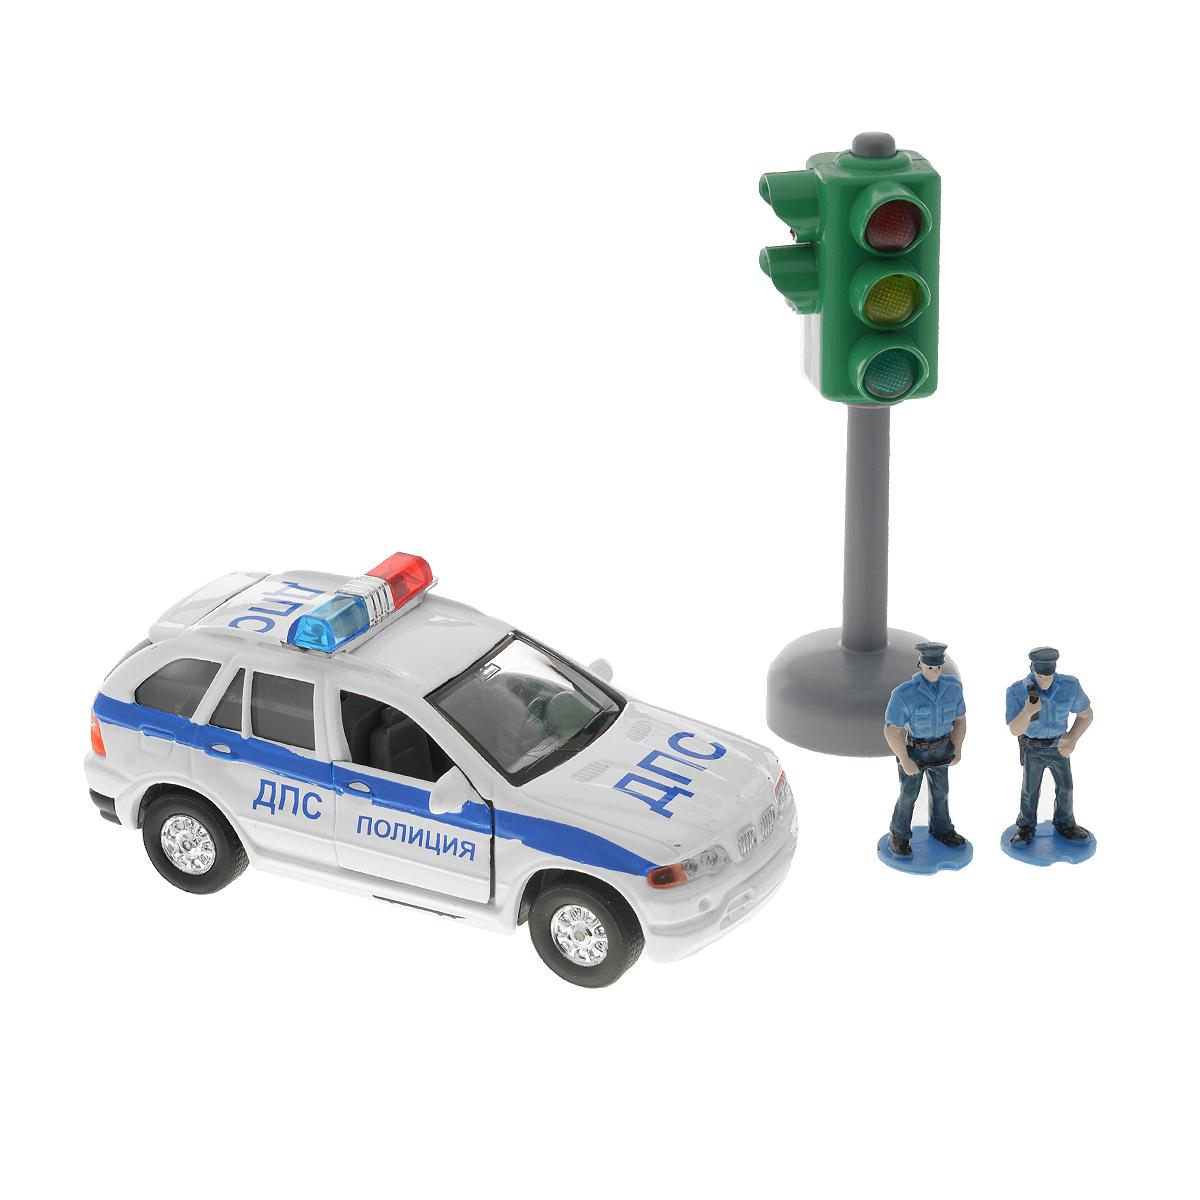 ТехноПарк Игровой набор Полиция ДПСCT10-060-2Игровой набор Технопарк Полиция ДПС будет очень интересен для ребенка. Набор включает в себя полицейскую машину с инерционным механизмом и световыми и звуковыми сигналами, 2 фигурок сотрудников ДПС и 5 дорожных знаков. В наборе так же присутствует светофор, при нажатии на верхнюю часть которого зажигается определенный свет и даются рекомендации по правилам ДПС. Двери и капот машинки открываются. Такой набор несомненно понравится вашему ребенку и не позволит ему скучать. Ваш ребенок будет часами играть с набором, придумывая различные истории. С таким набором можно придумать множество игровых сюжетов для увлекательного и веселого времяпрепровождения. Этот игровой набор обязательно понравится вашему ребенку и поможет обеспечить увлекательный досуг. Порадуйте своего малыша такой интересной игрушкой!